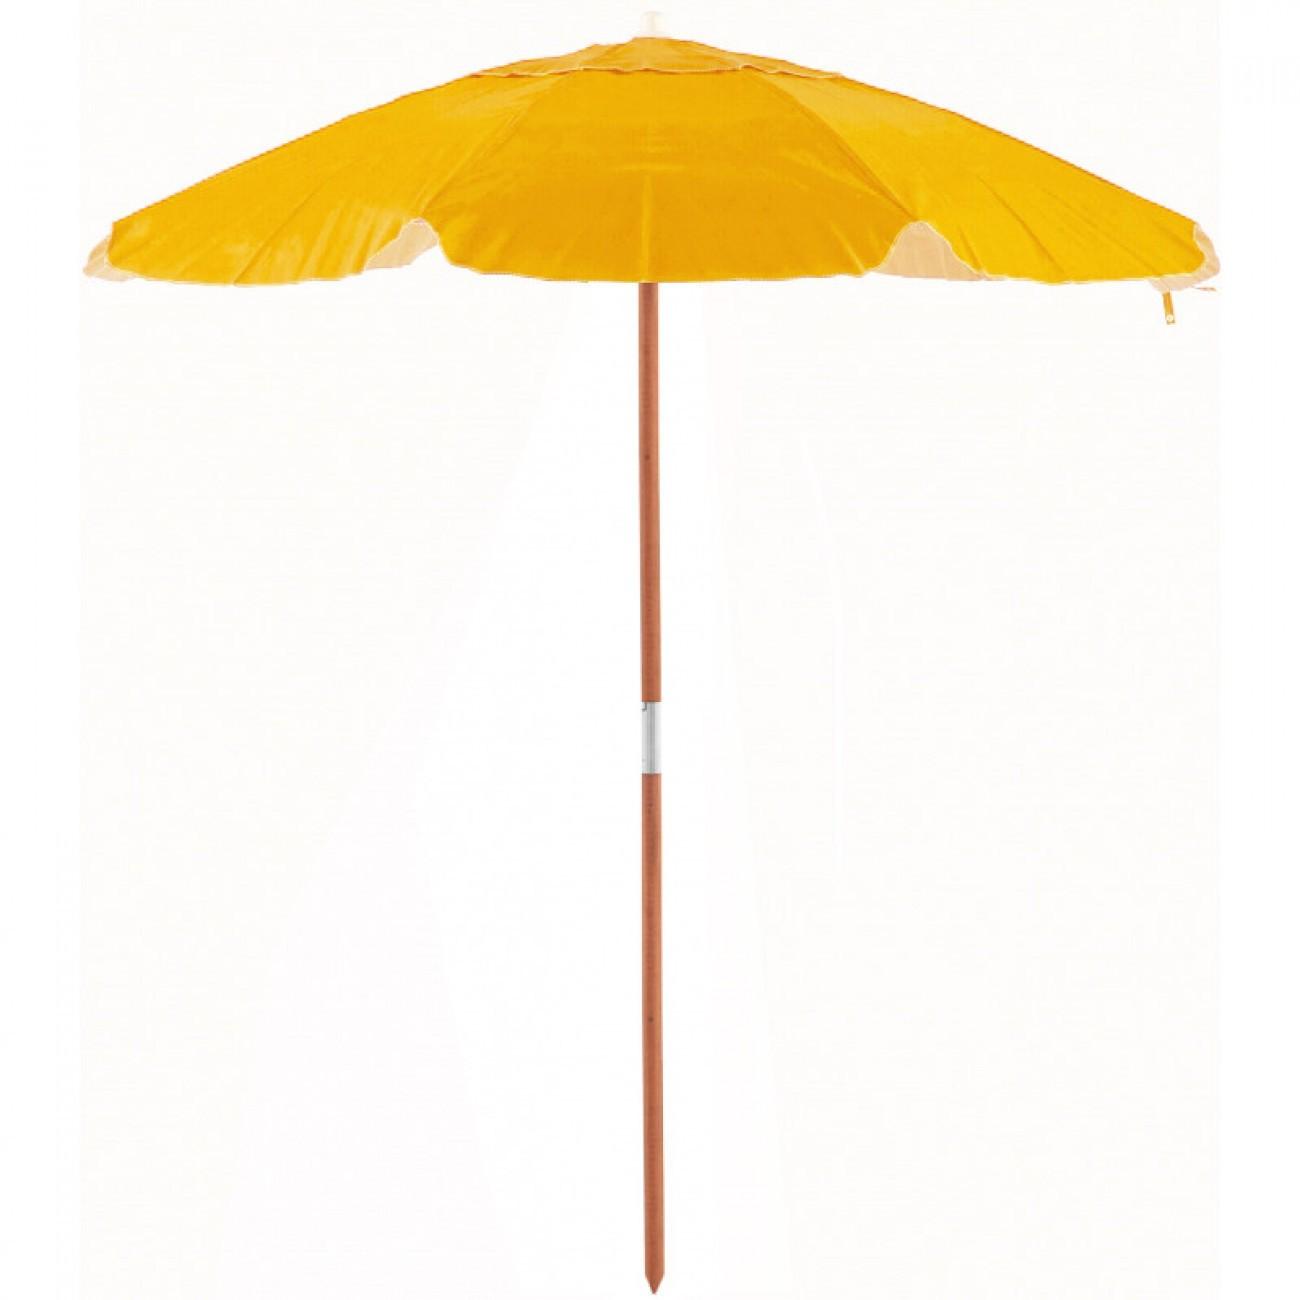 Ombrellone Guarda Sol De Madeira Cobertura Em Pvc Bagum  2,00 M Amarelo